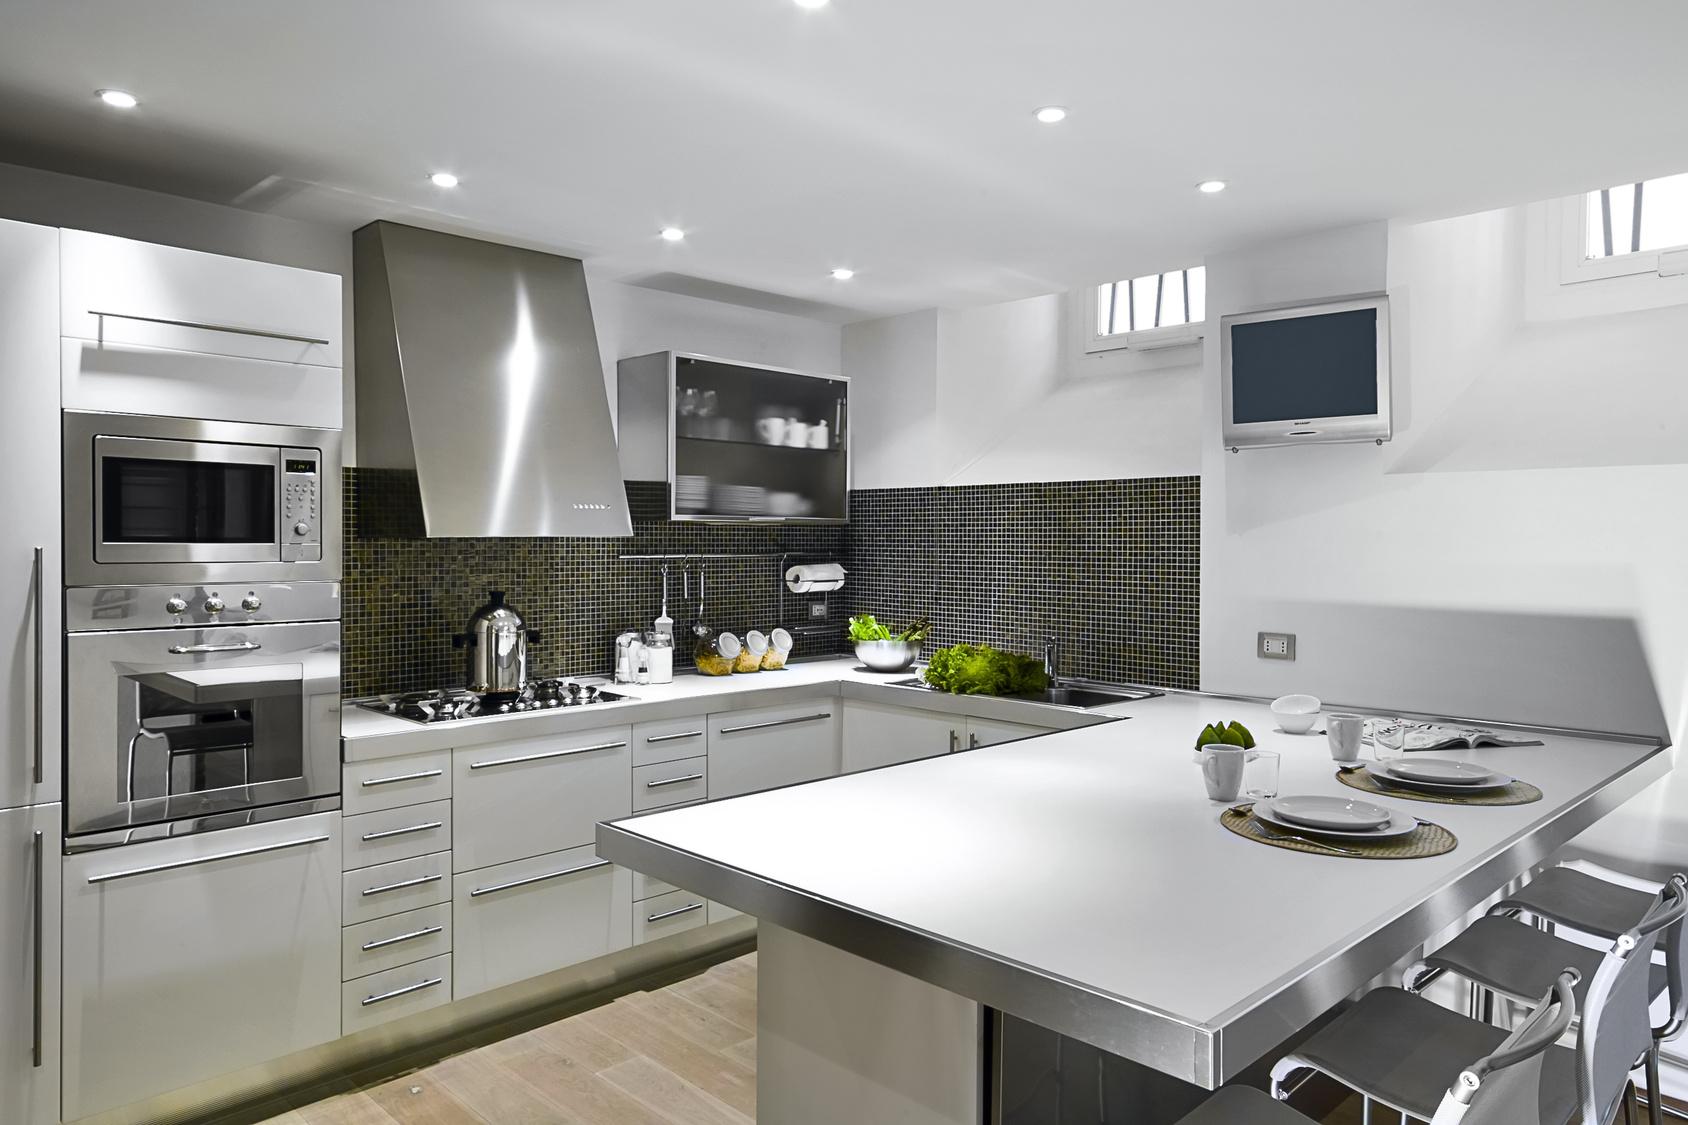 küchenliebhaber.de - U Förmige Küche